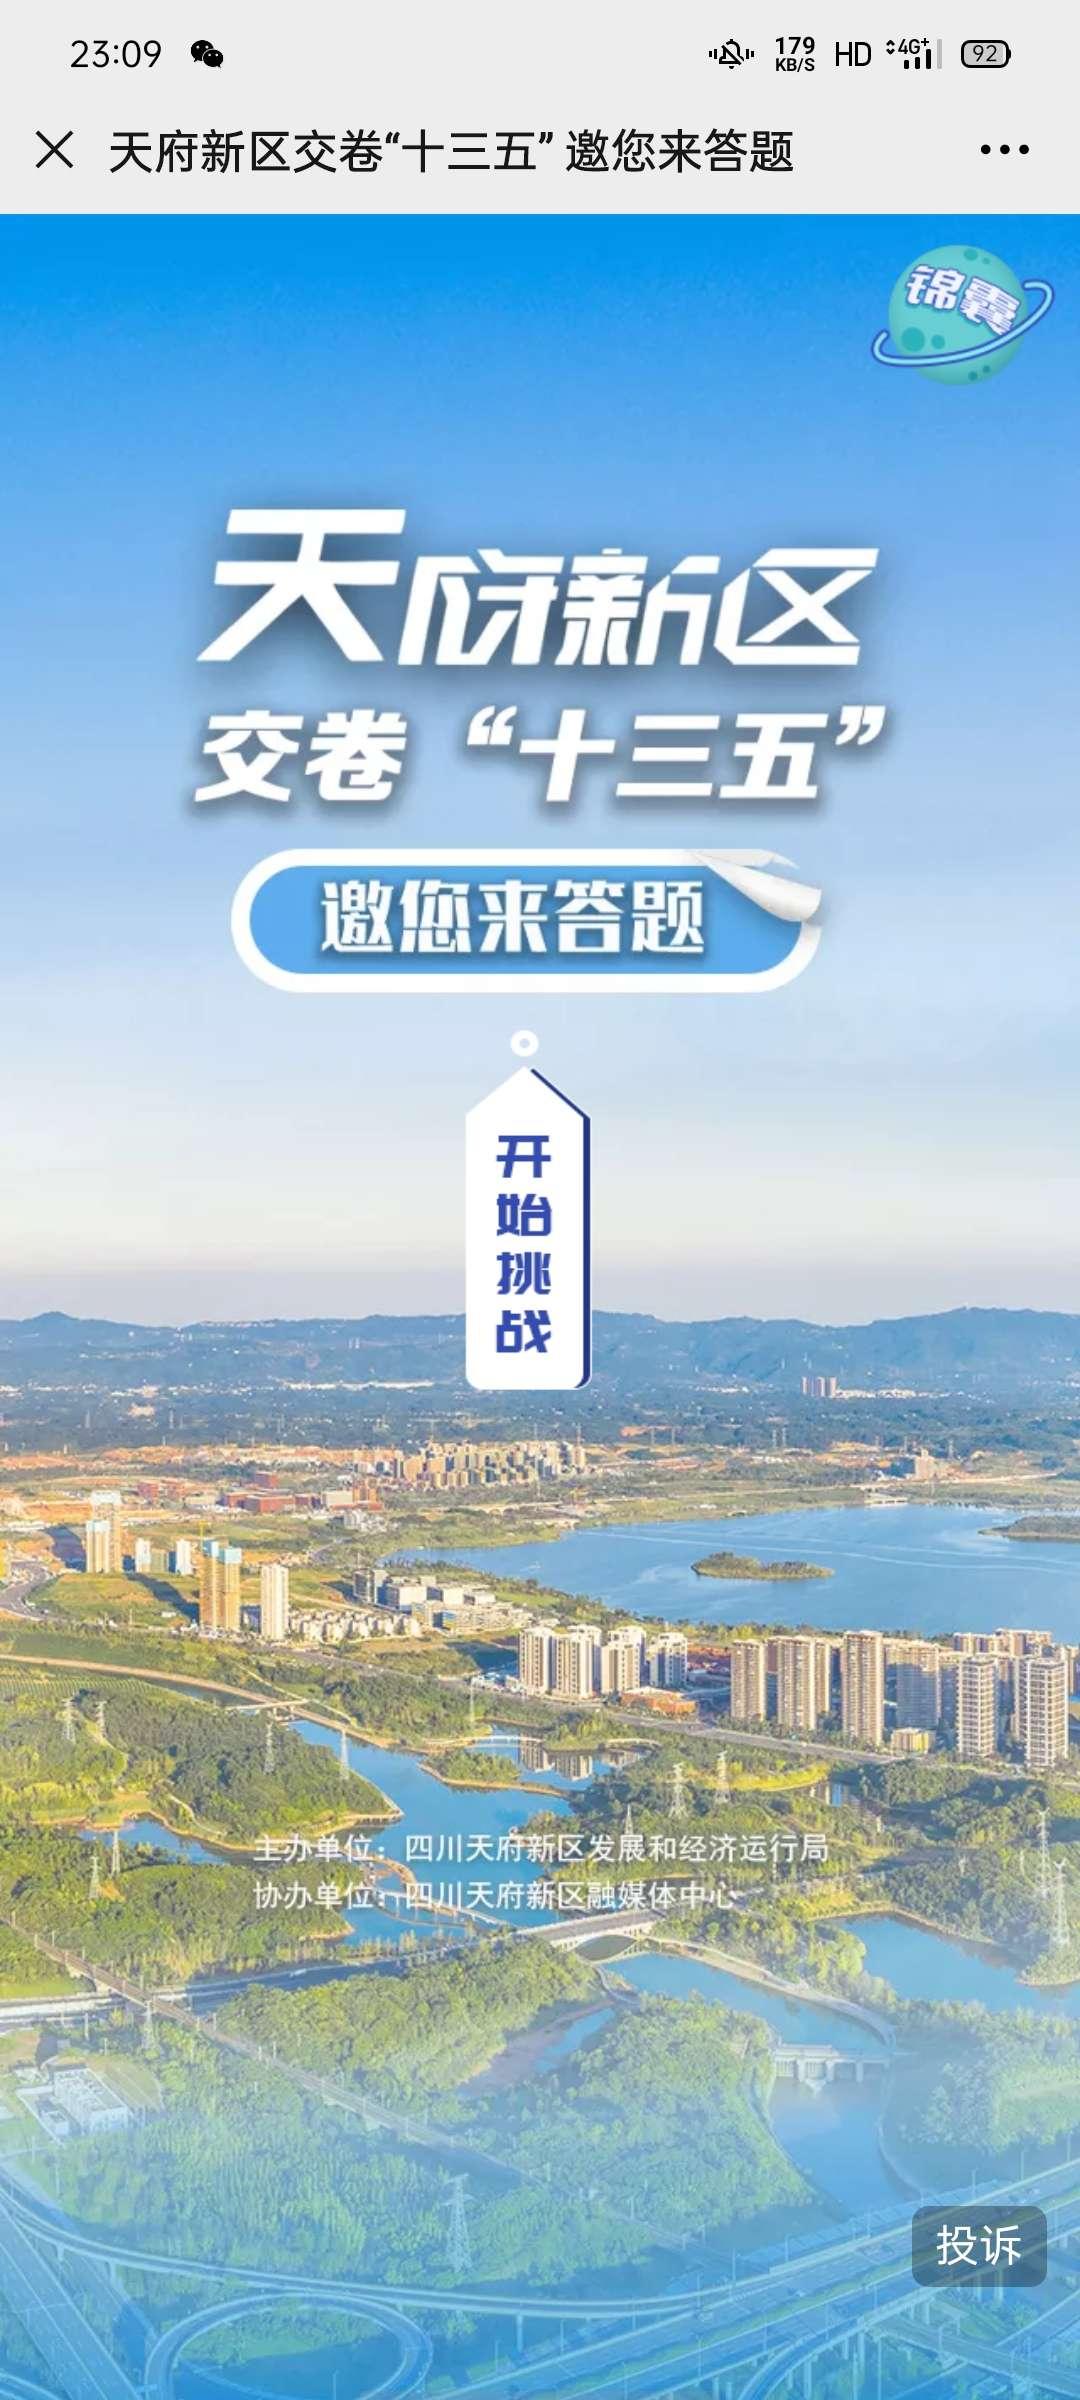 四川天府新区发展和经济运行局答题抽红包